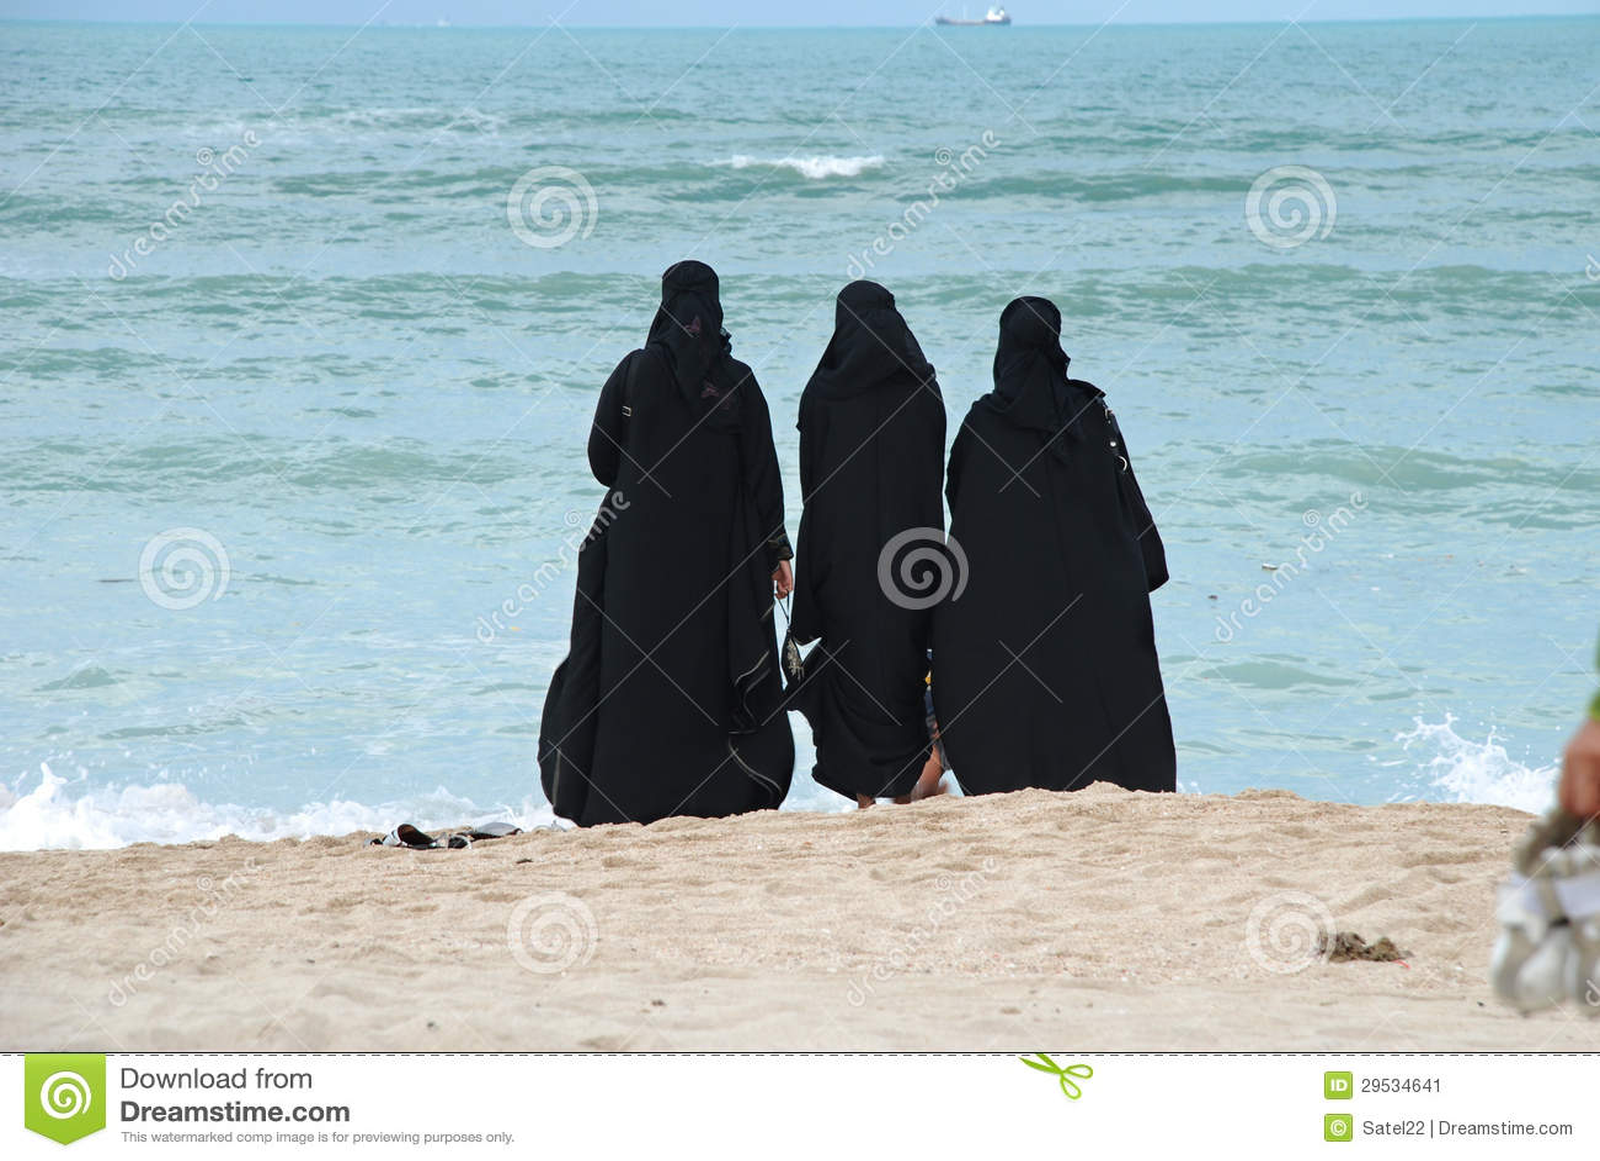 Gruppe arabische Frauen